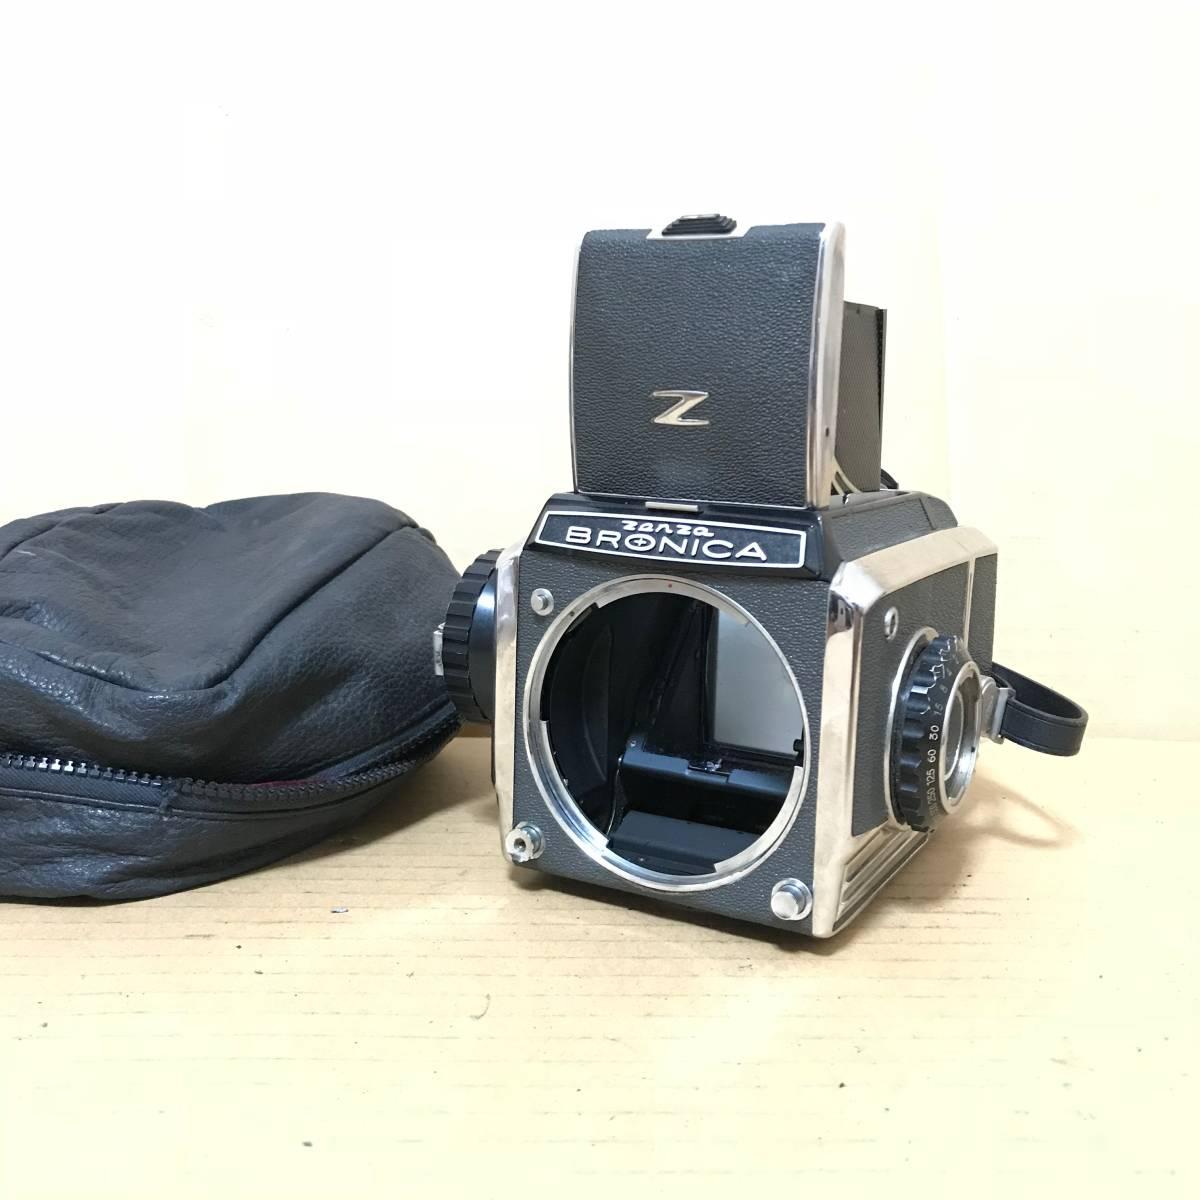 ZENZA BRONICA ゼンザブロニカ S2 ? 中判 フィルム カメラ Medium Format Film Camera